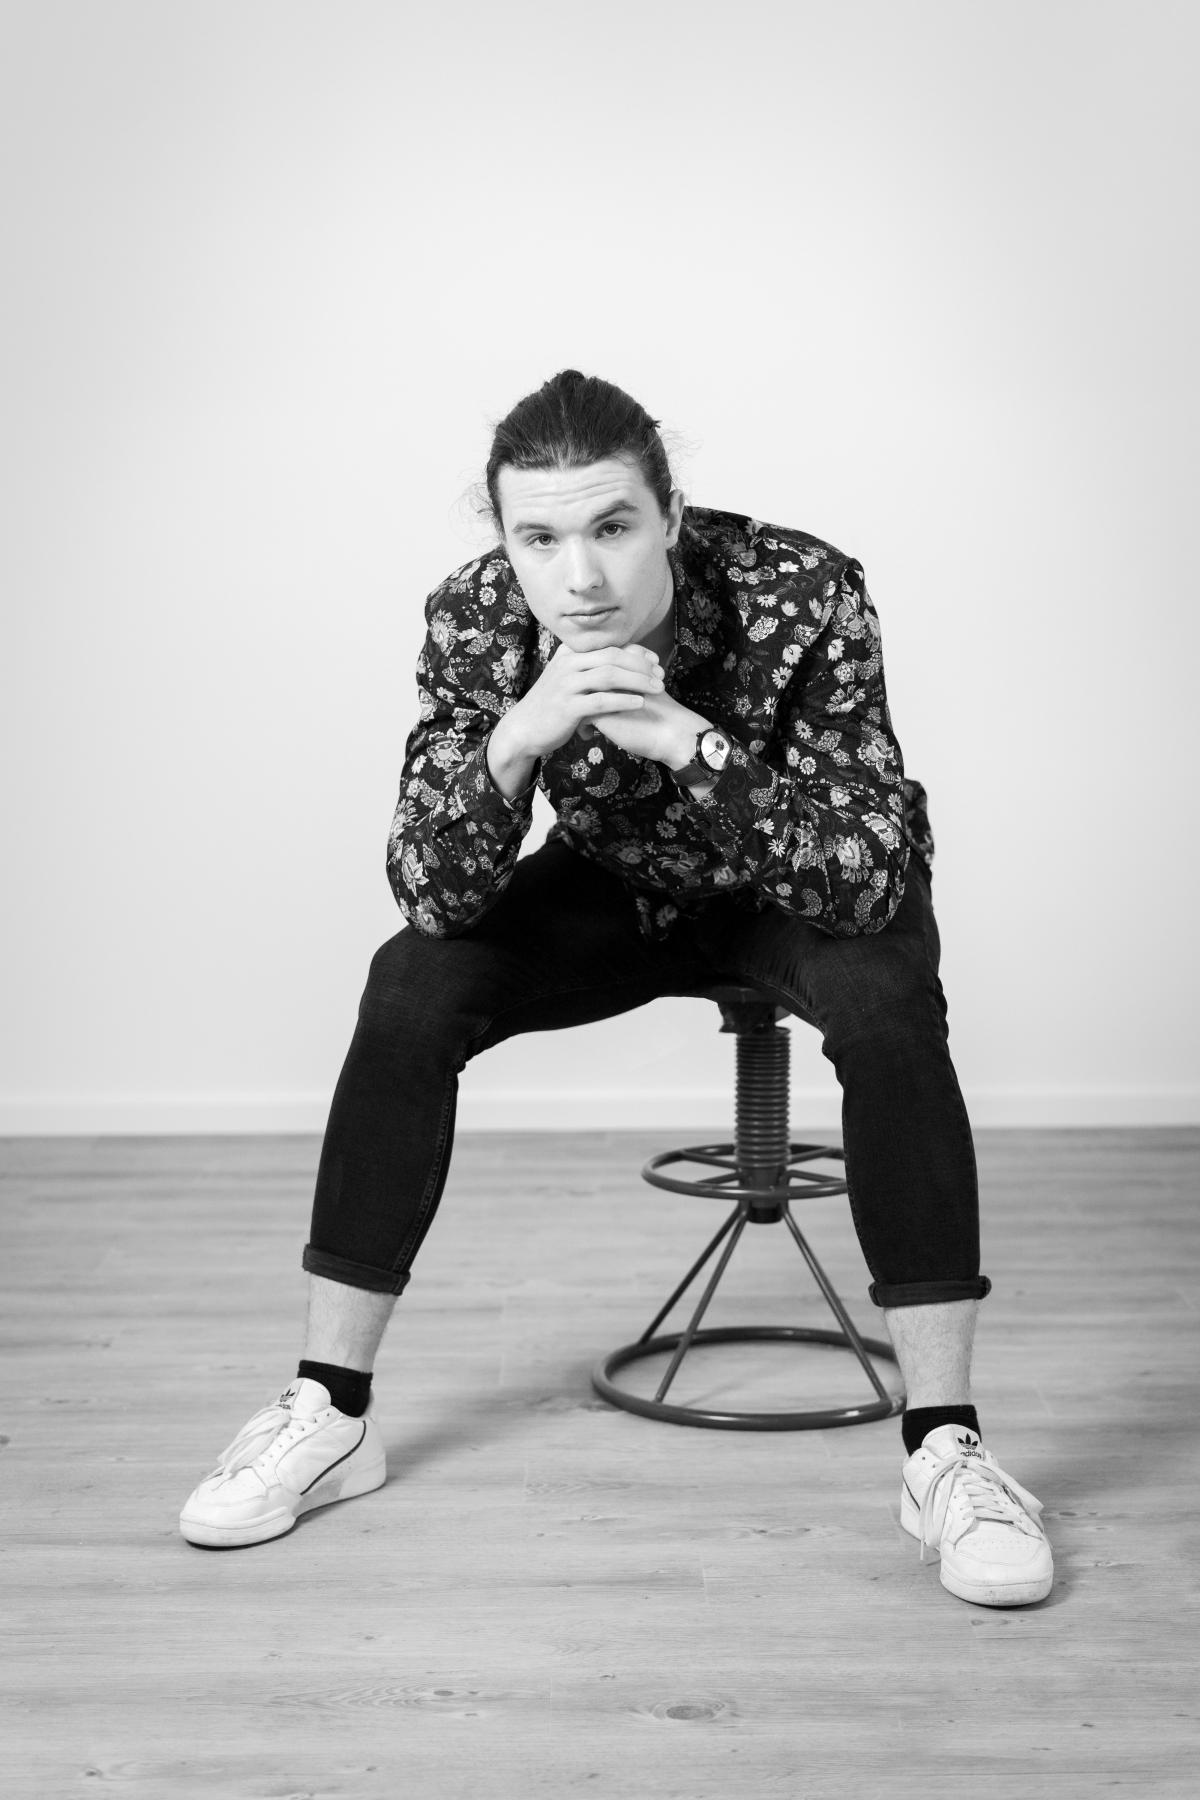 Der Künstler Simon Kohler in nachdenklicher Pose auf einem Hocker